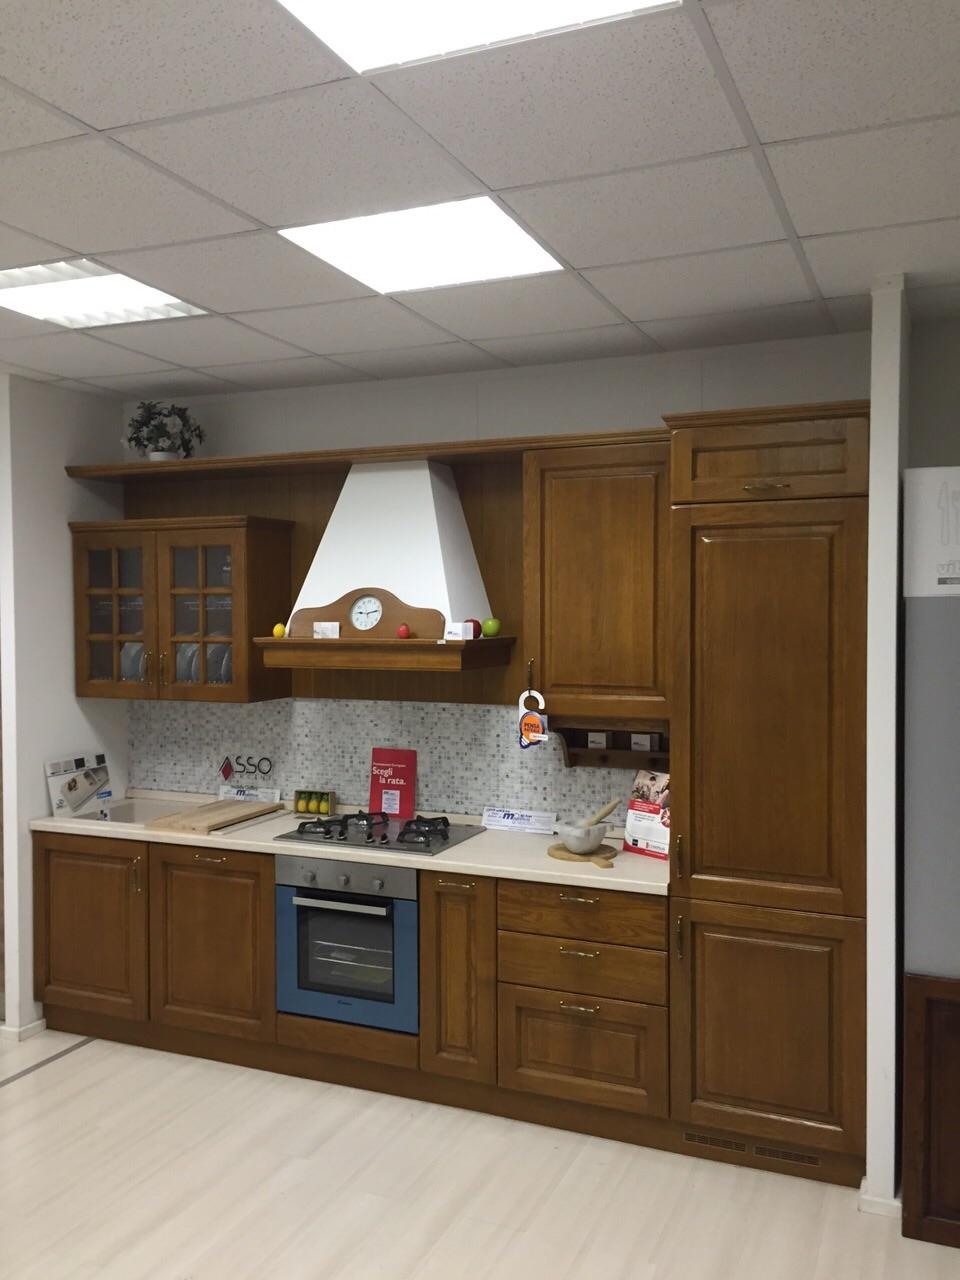 offerta cucina gallery assocucine qualità artigianale - cucine a ... - Cucine Arrex Qualità